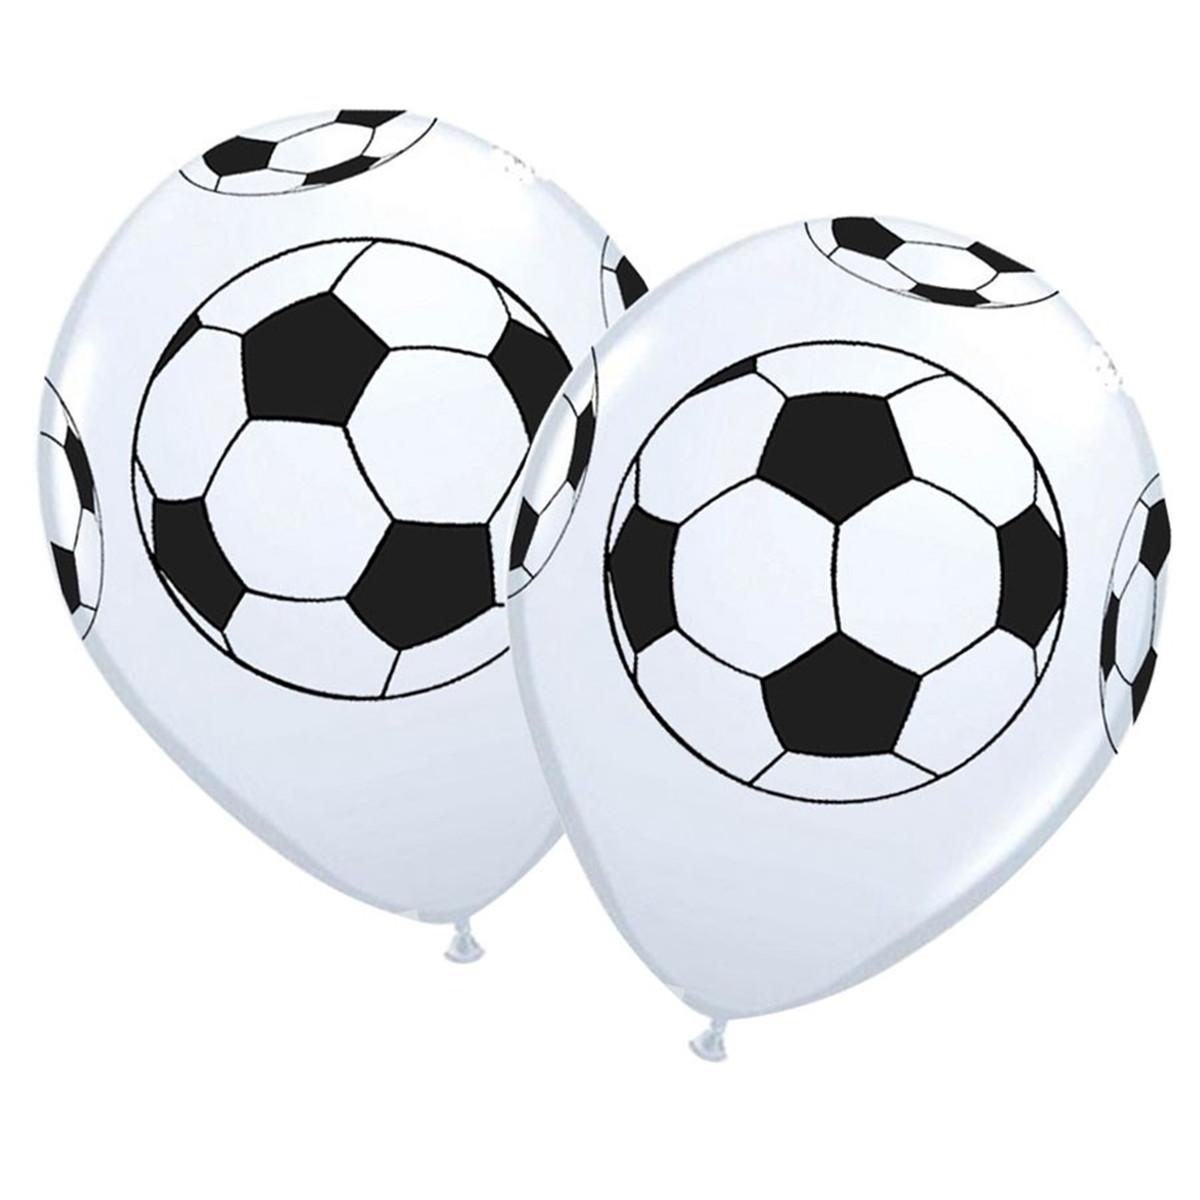 d8527d3c9 25 Balão Bexiga Latex Bola de Futebol no Elo7